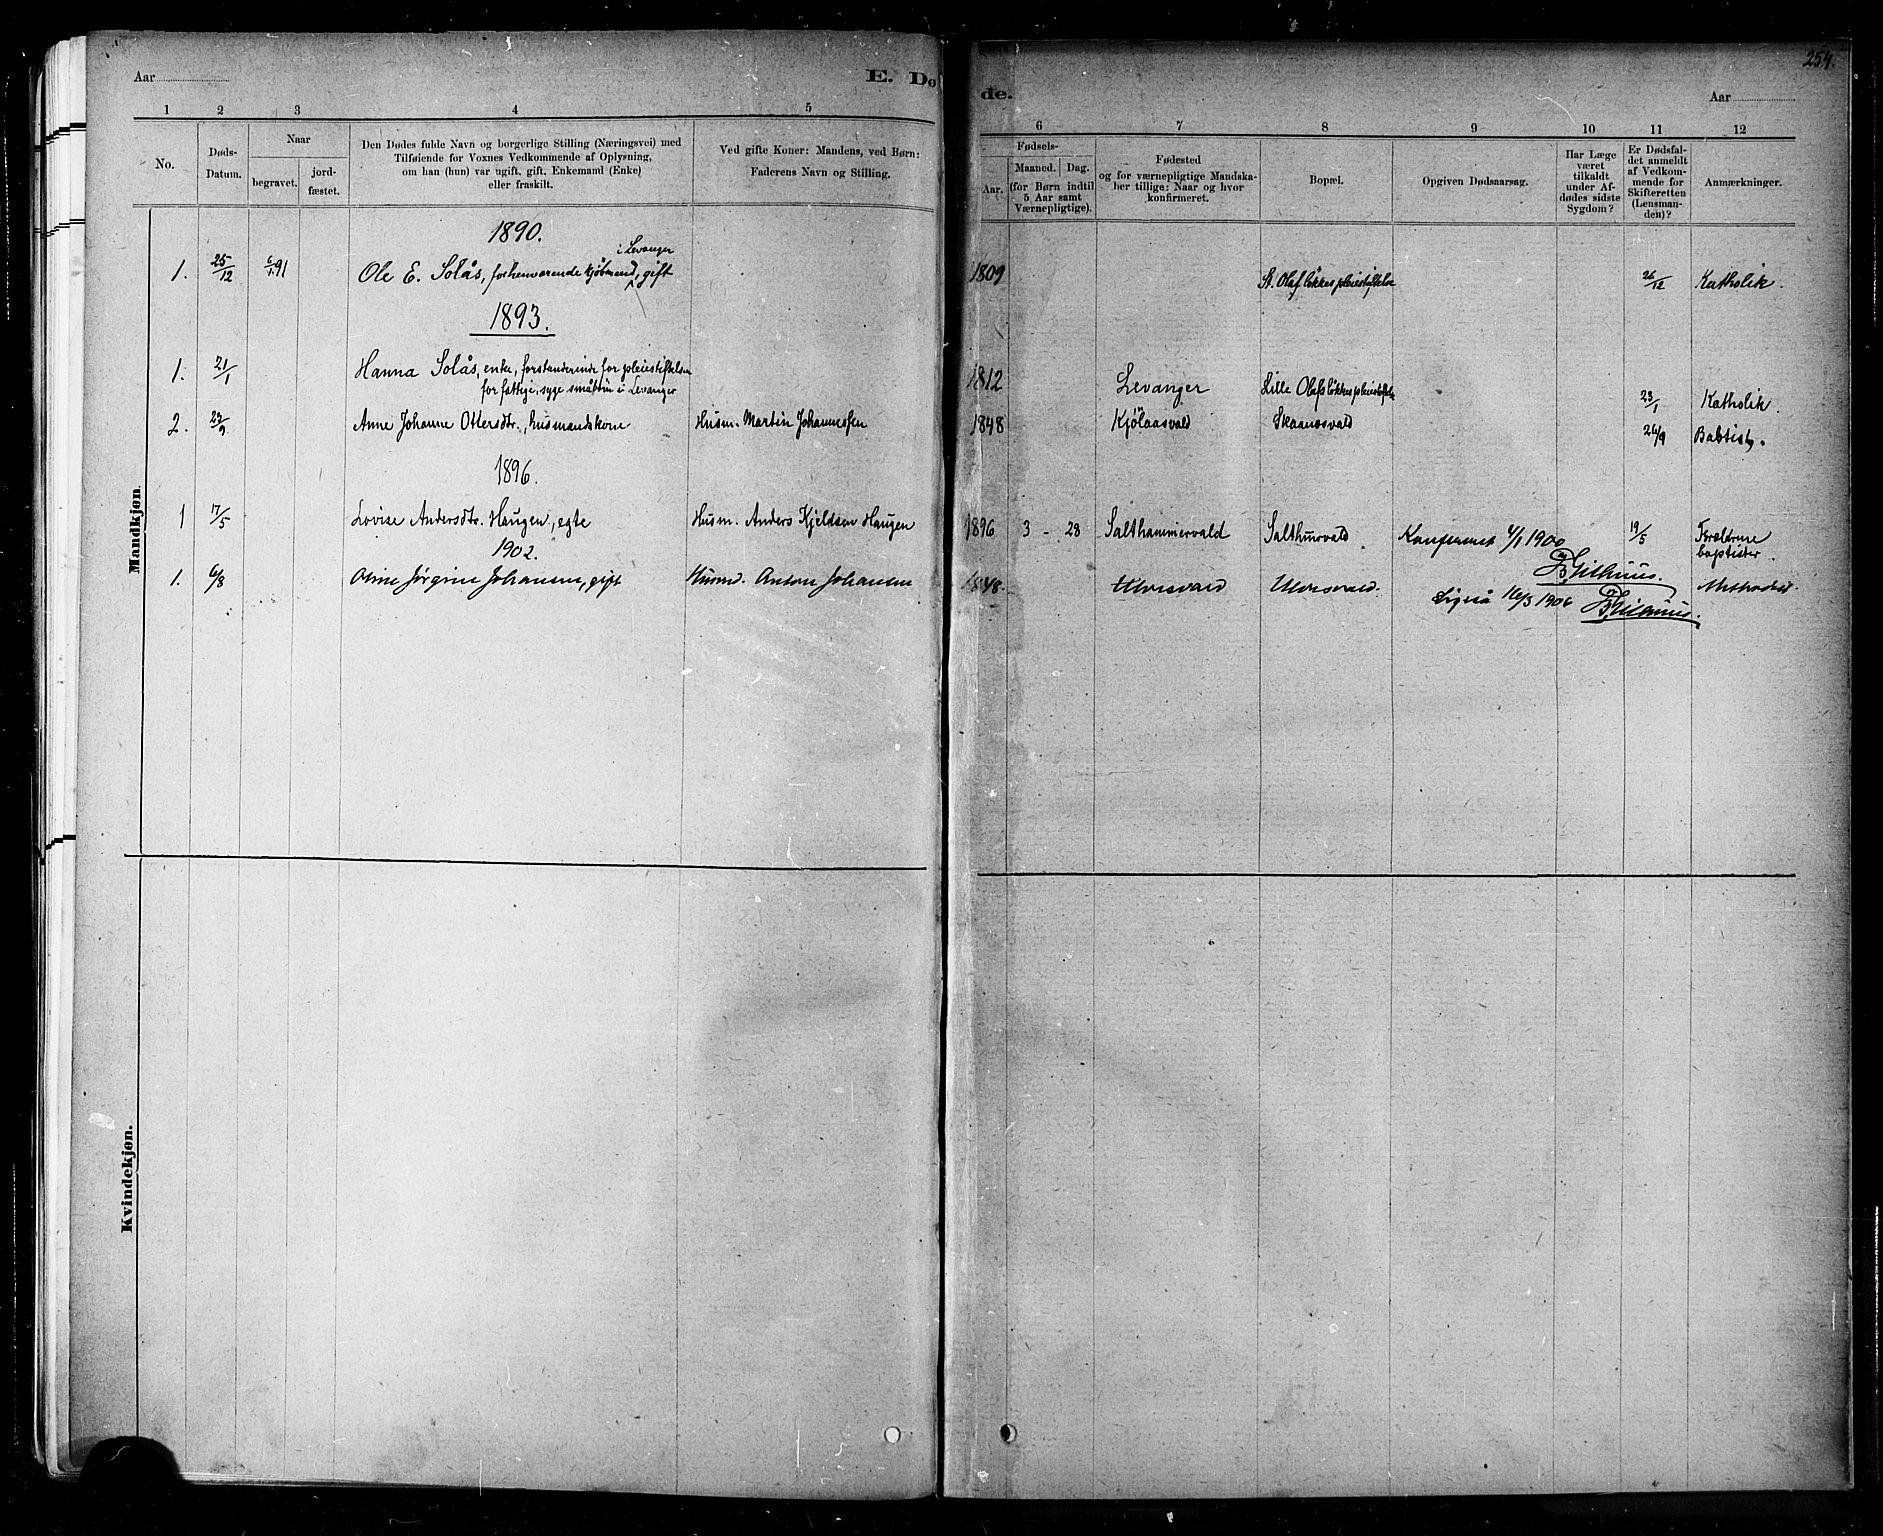 SAT, Ministerialprotokoller, klokkerbøker og fødselsregistre - Nord-Trøndelag, 721/L0208: Klokkerbok nr. 721C01, 1880-1917, s. 254